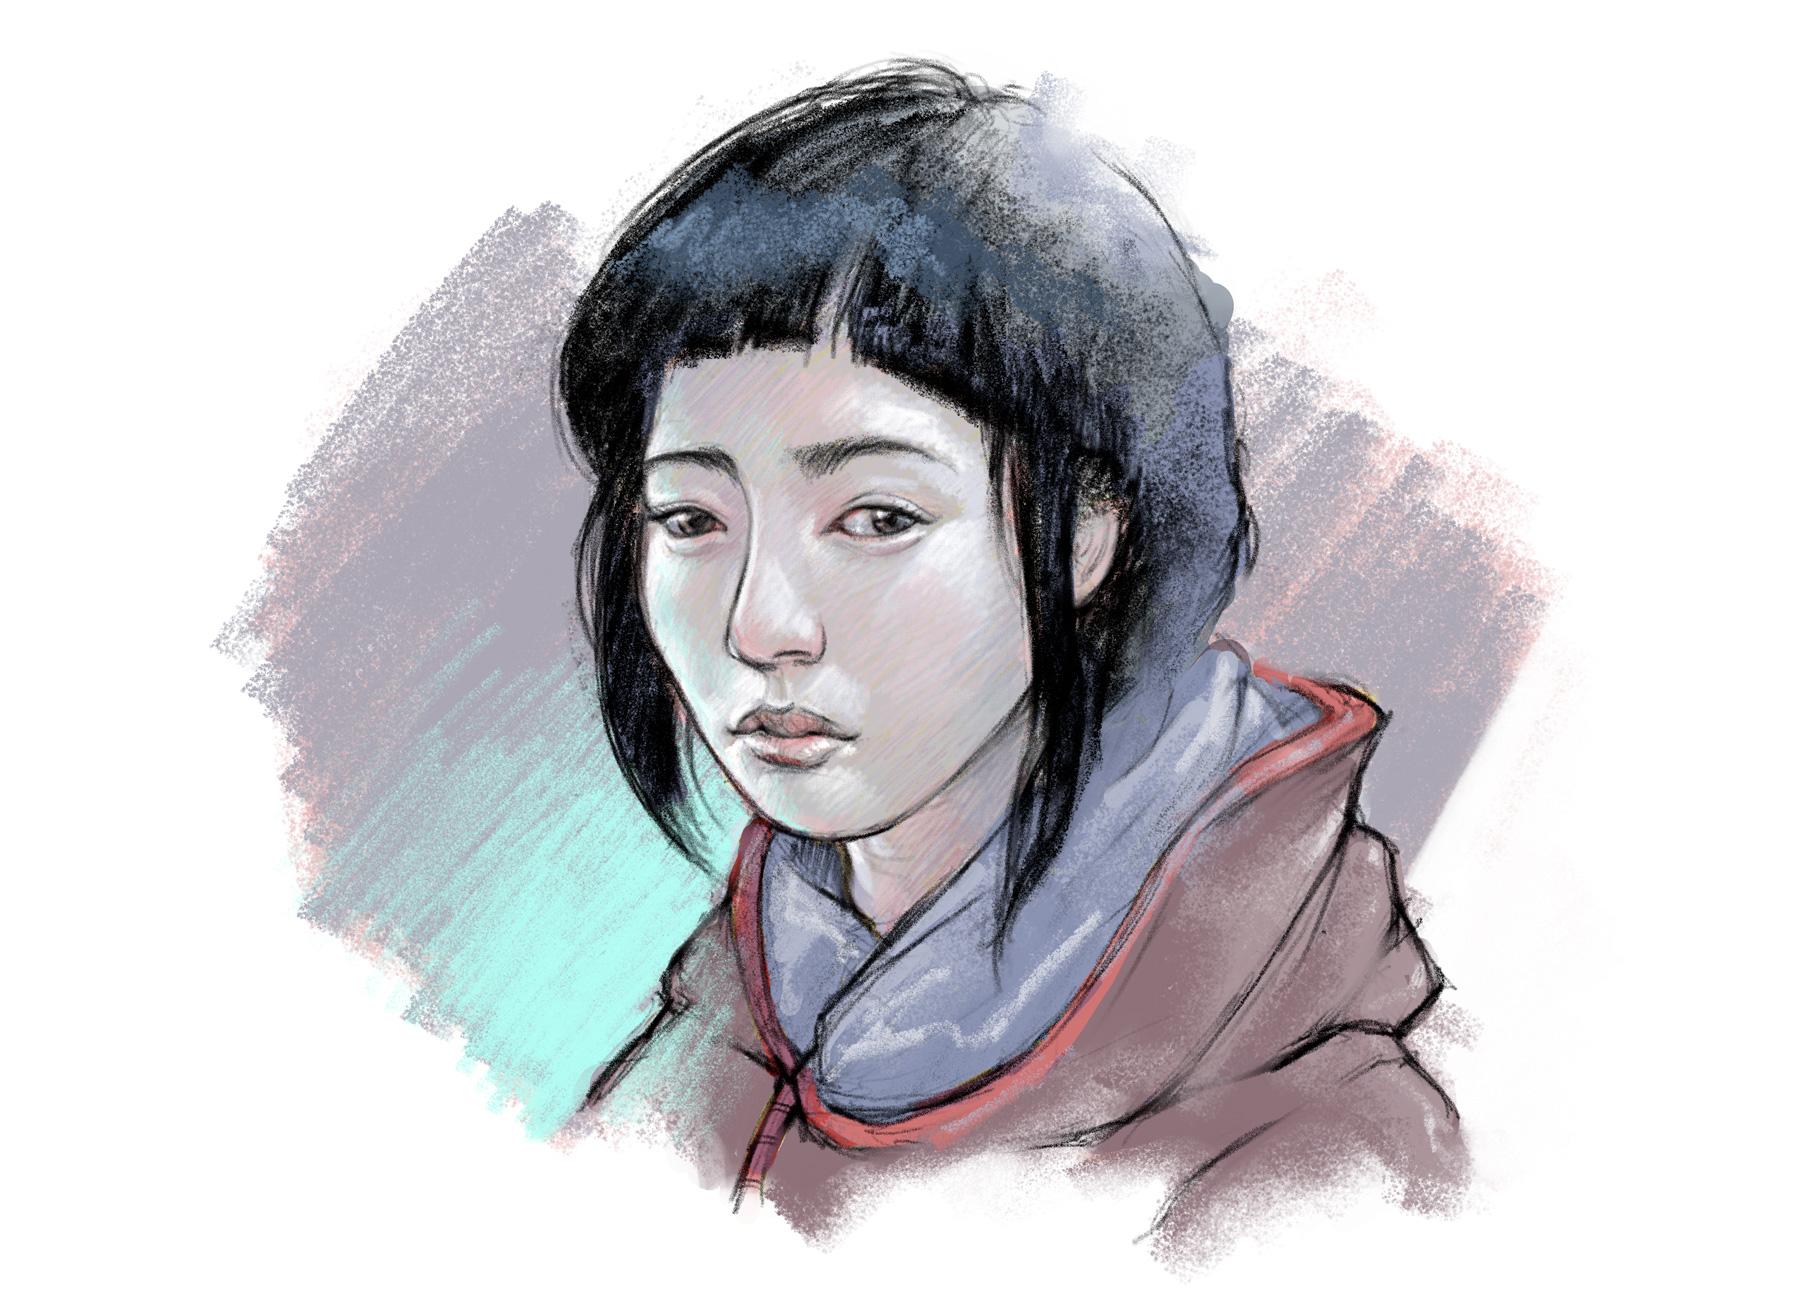 Linea portrait of Motoko by David A. Brasgalla